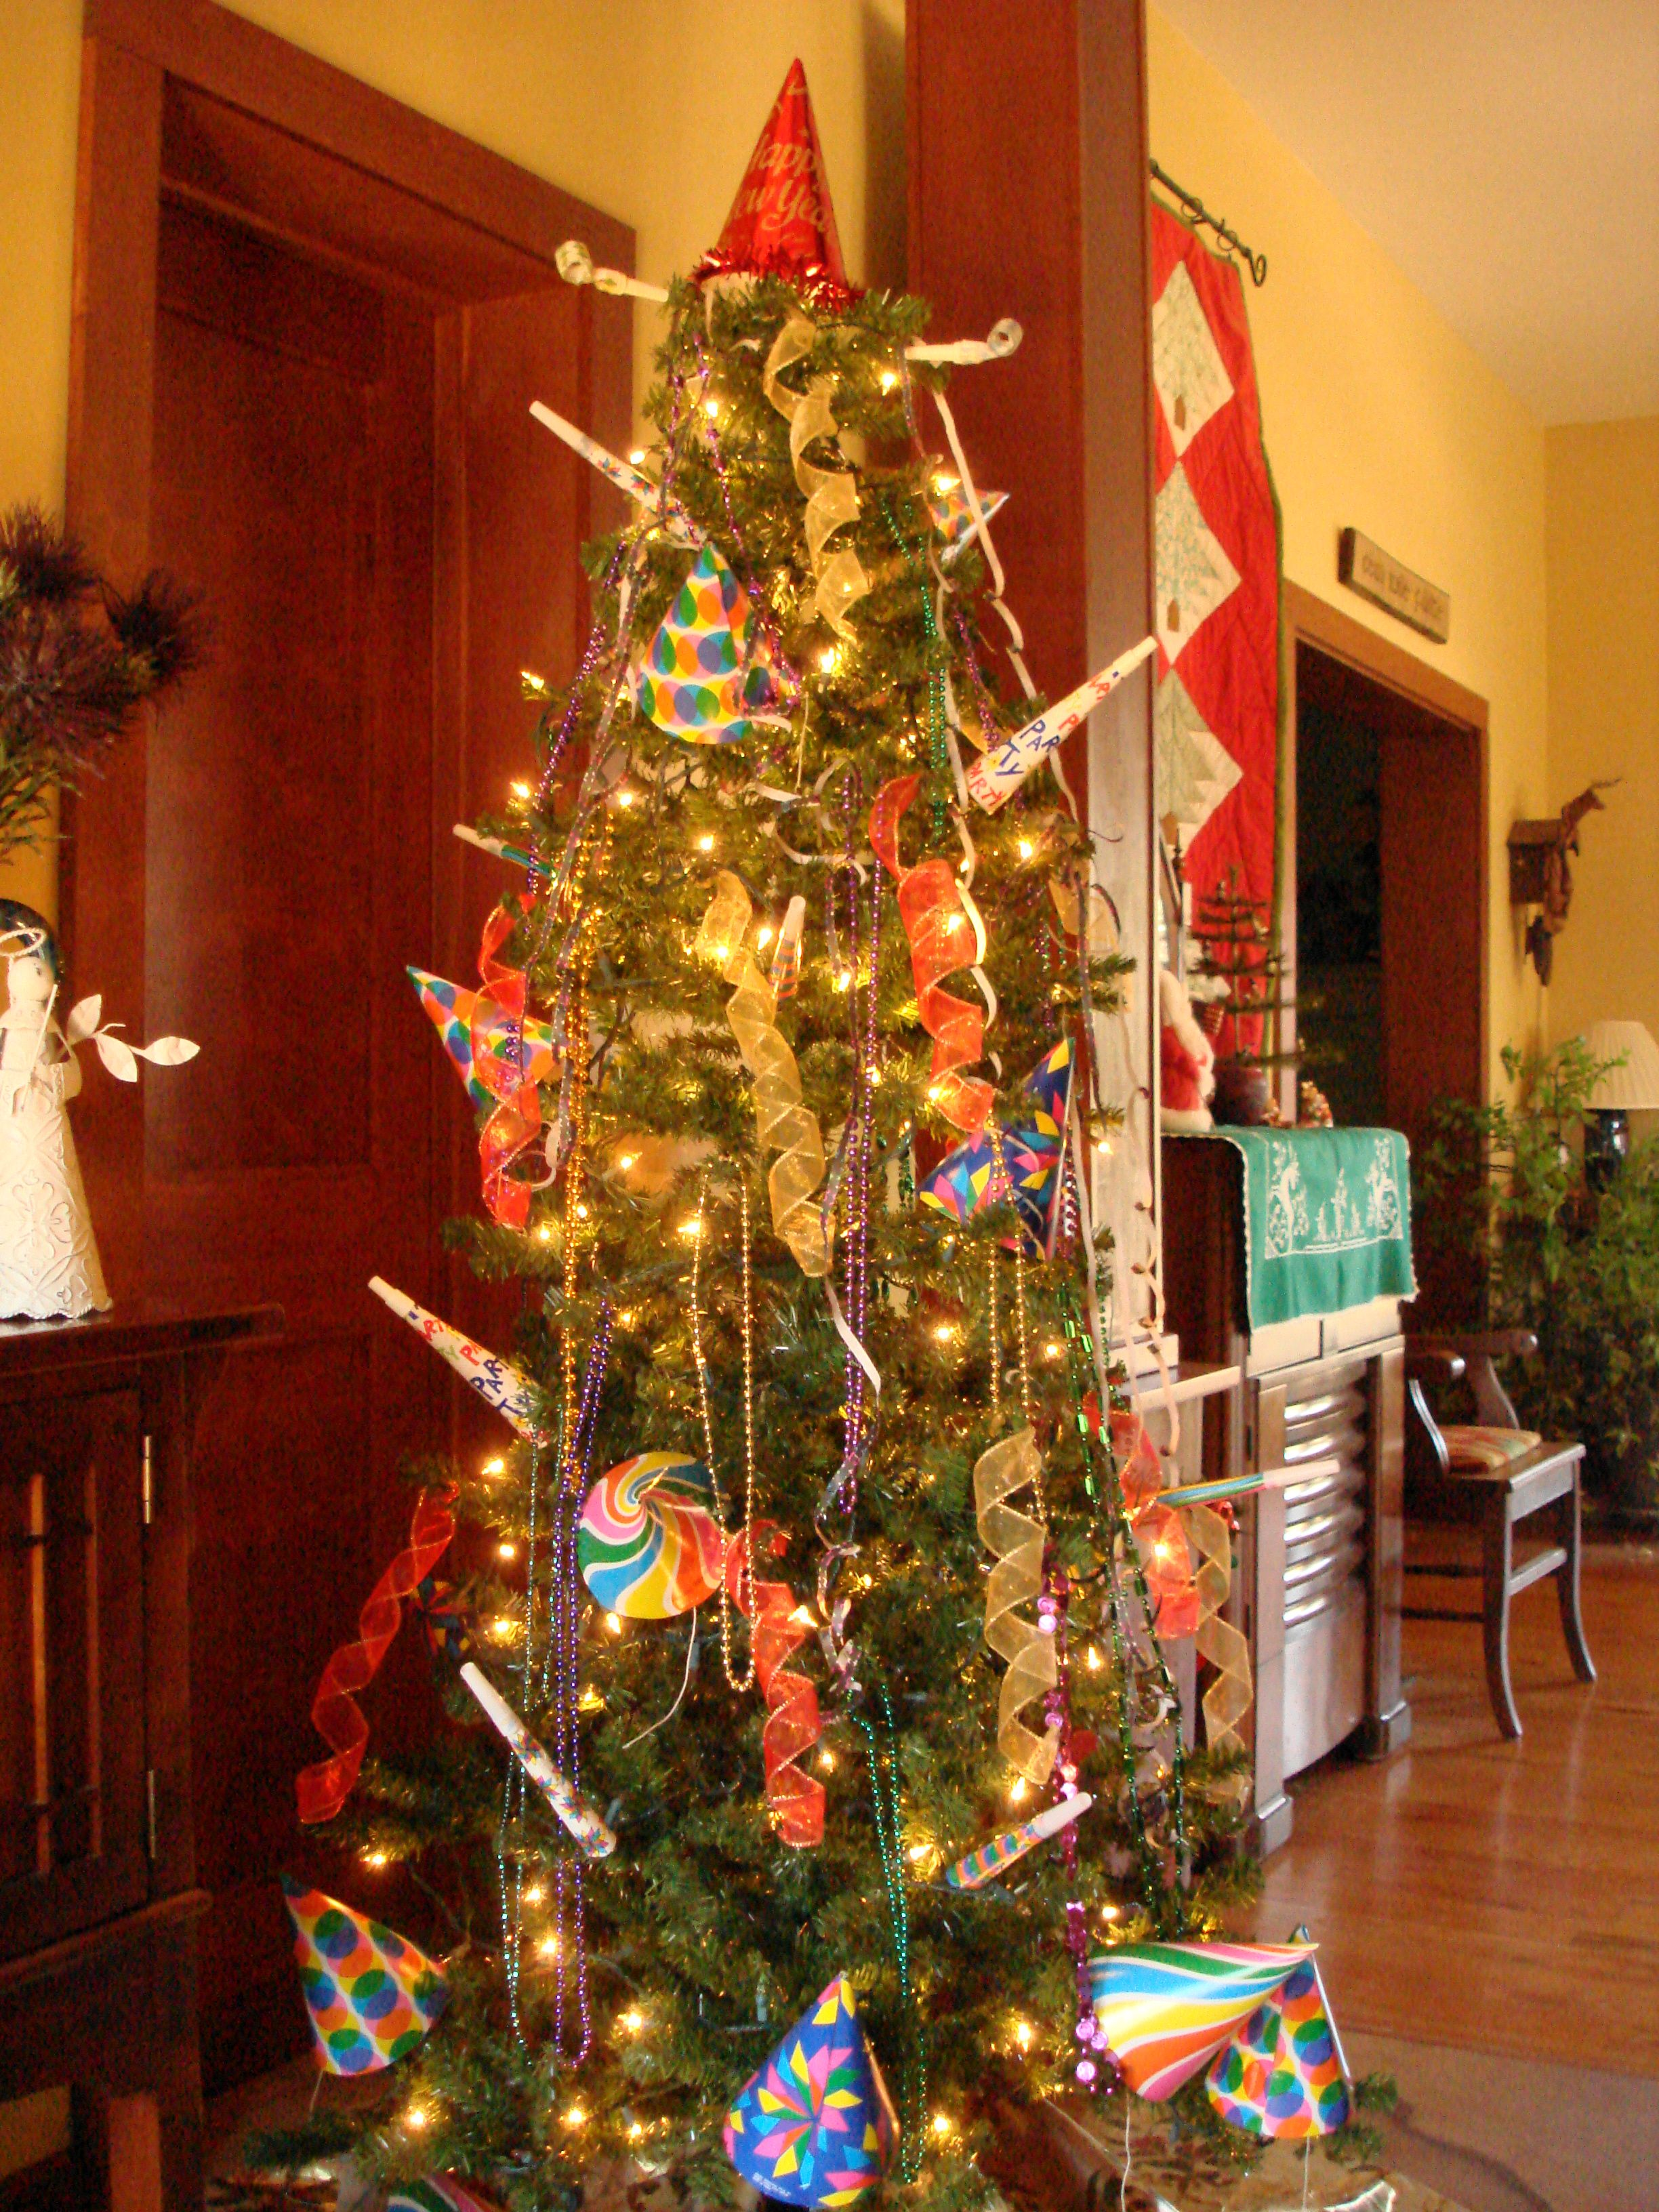 New Year Tree | Holiday tree, Holiday decor